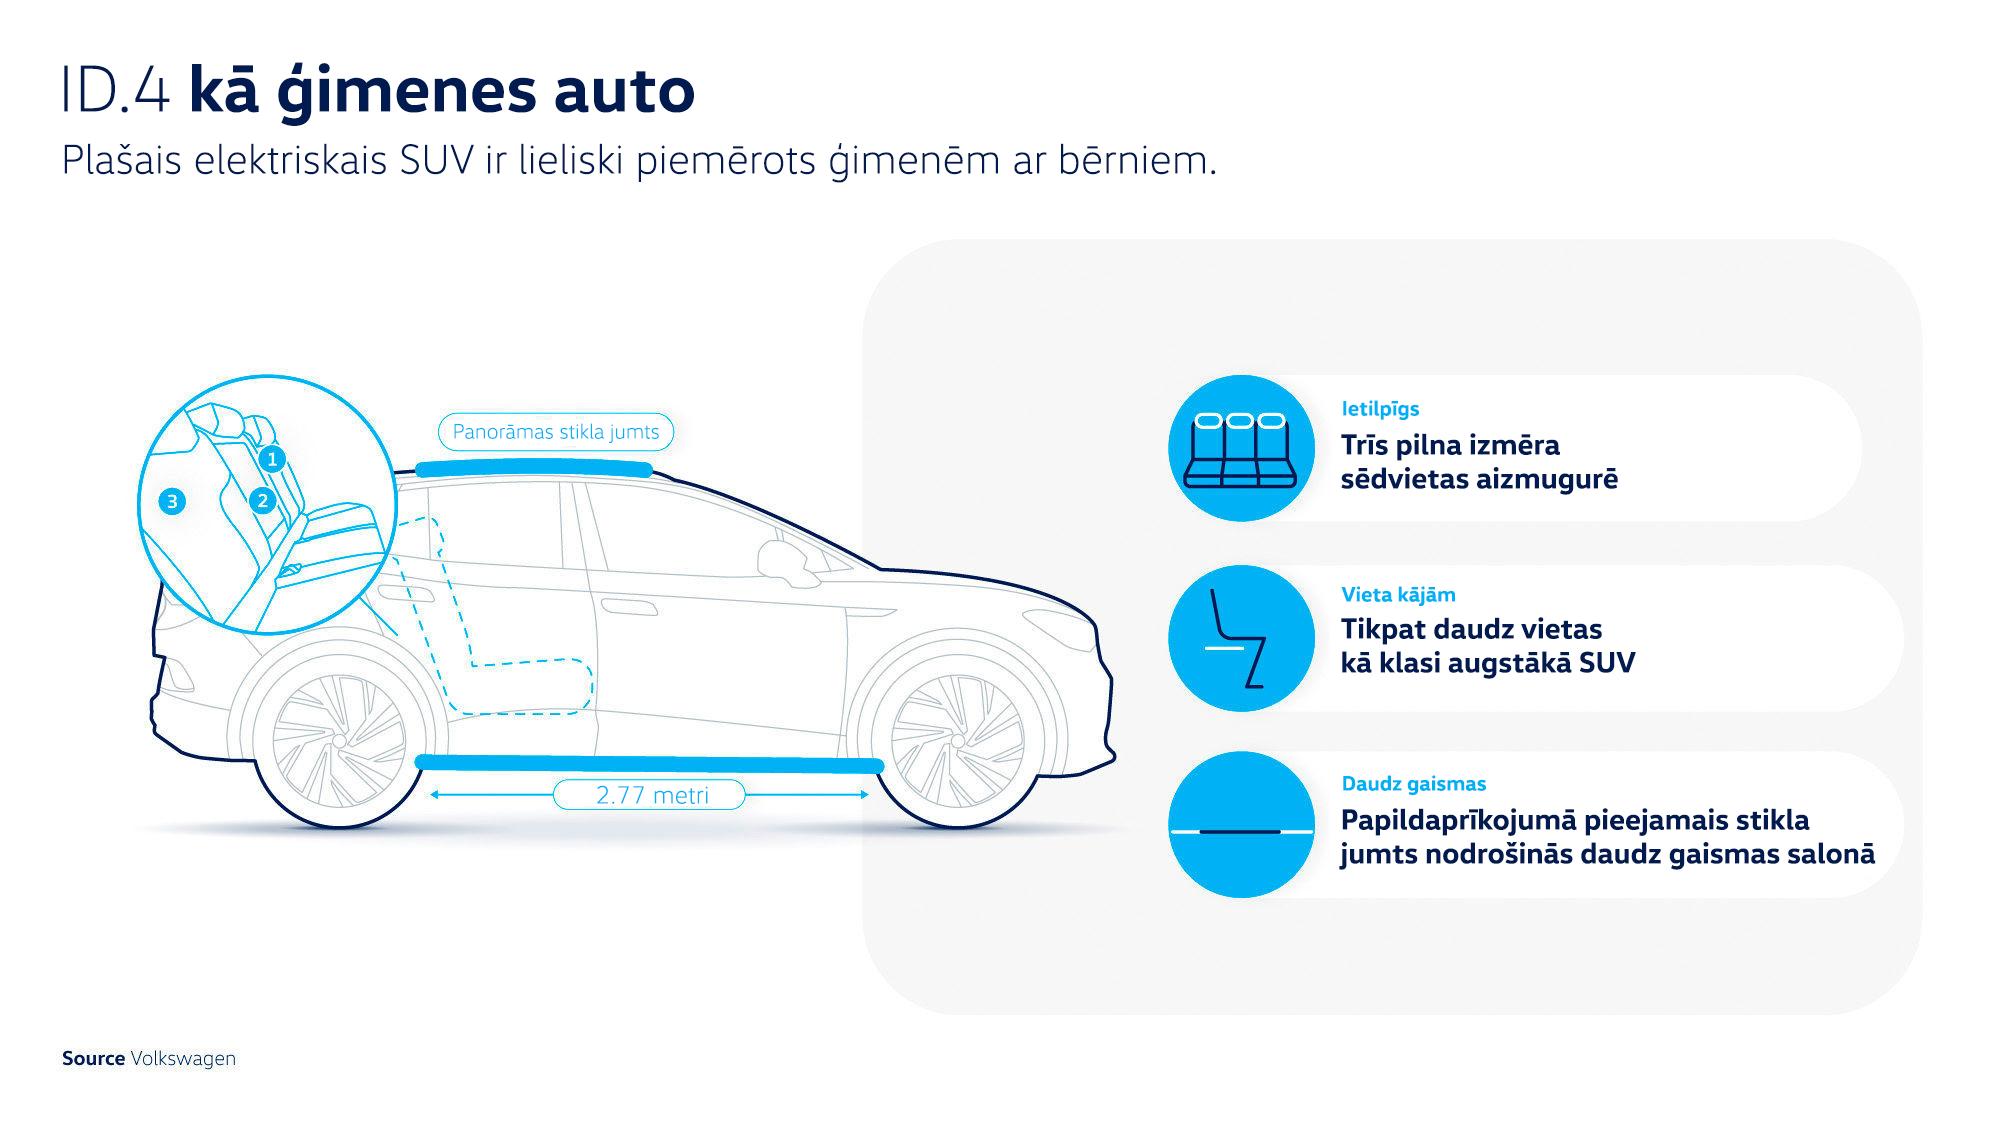 volkswagen-id4-gimenes-auto